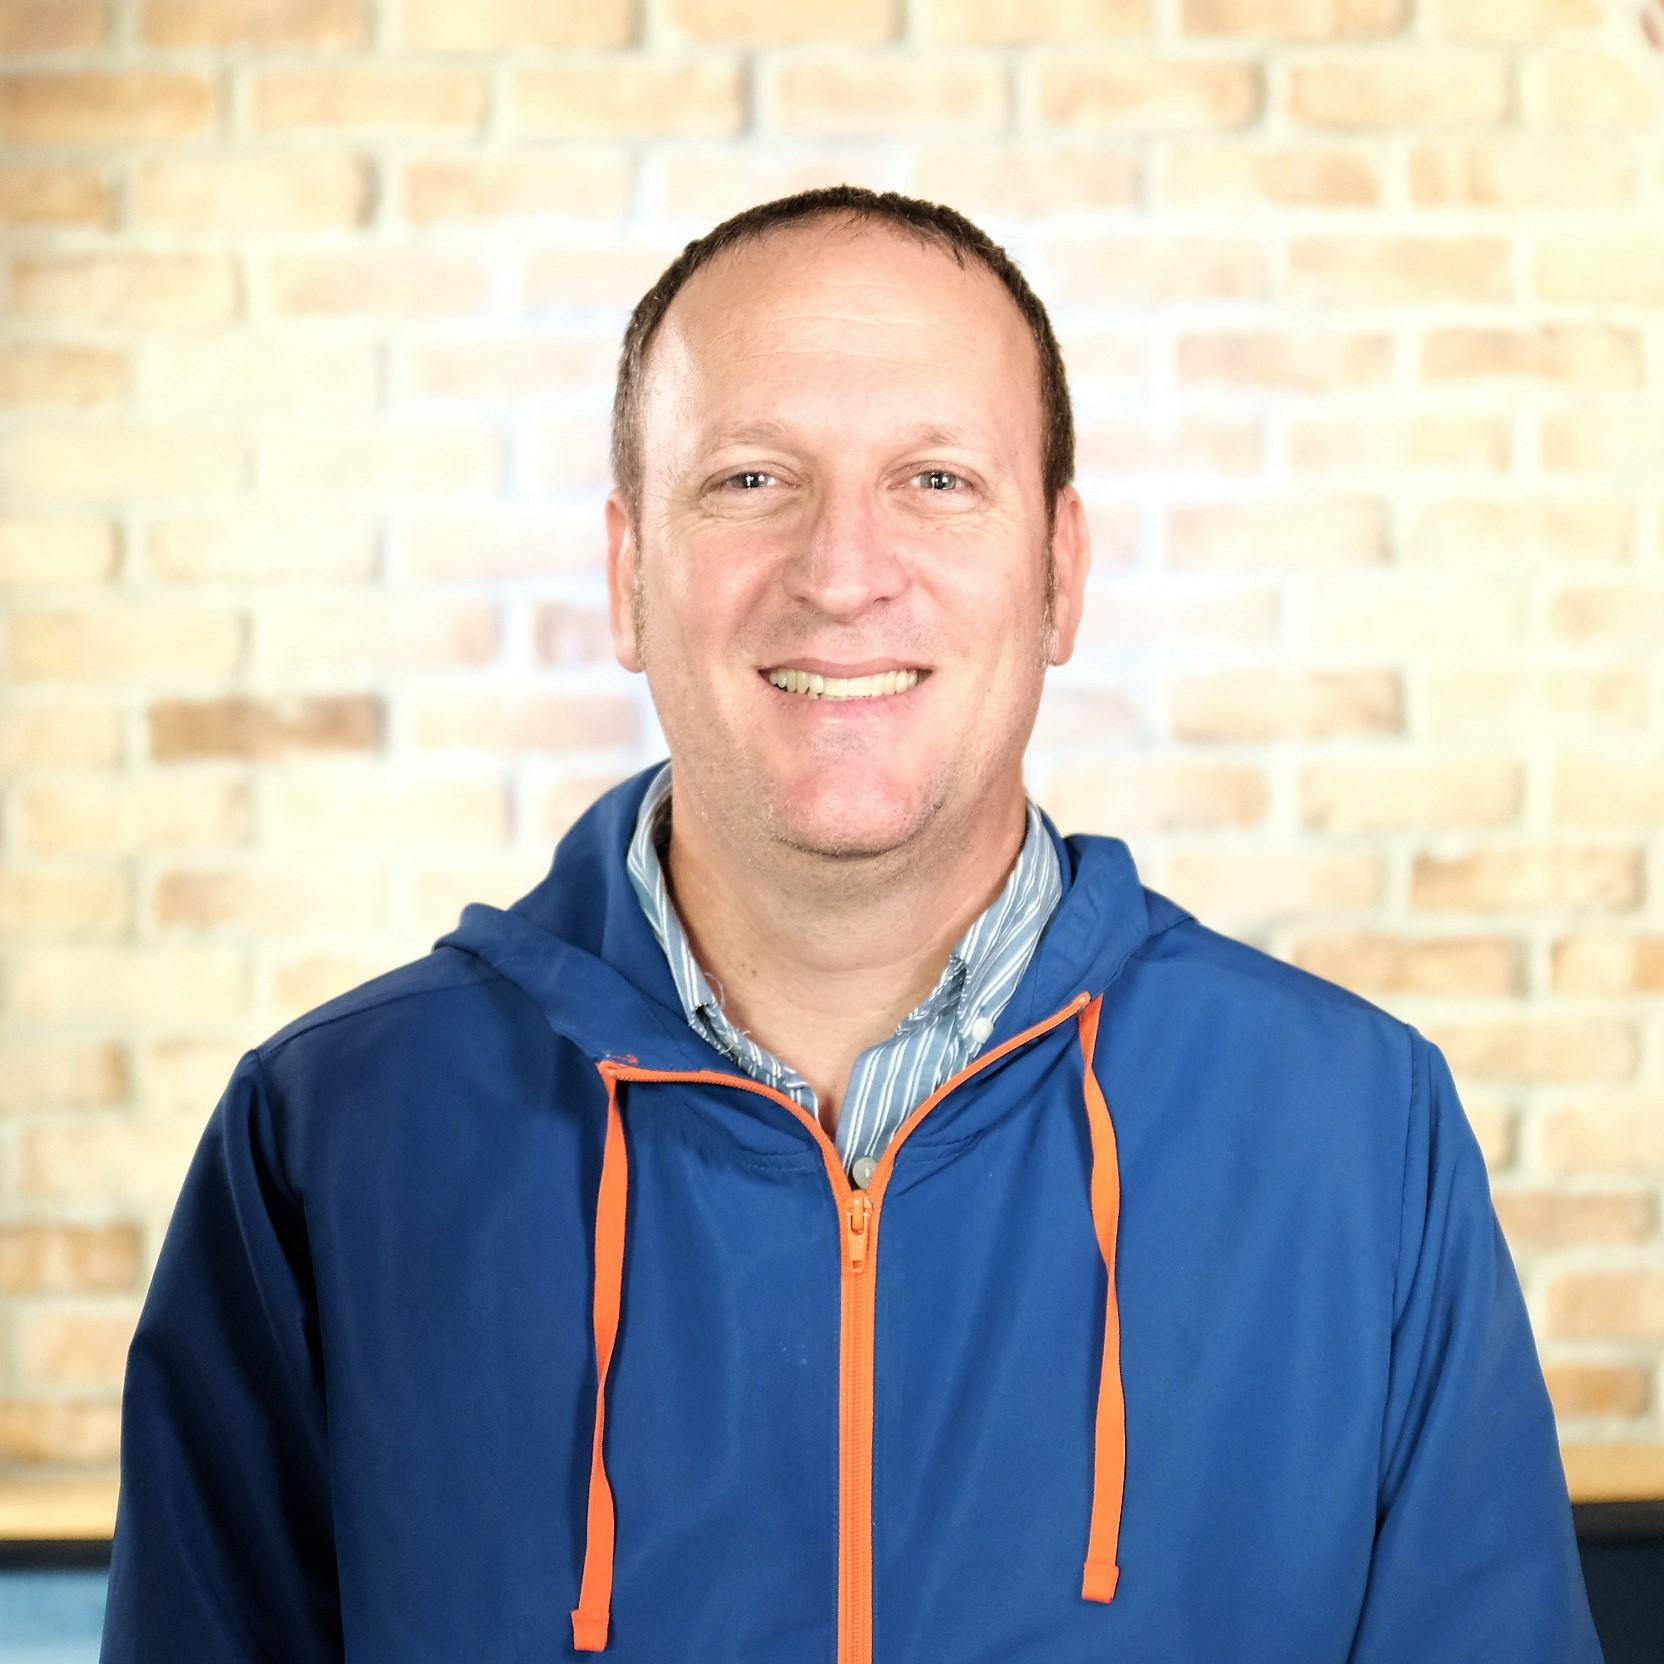 Steve Vance